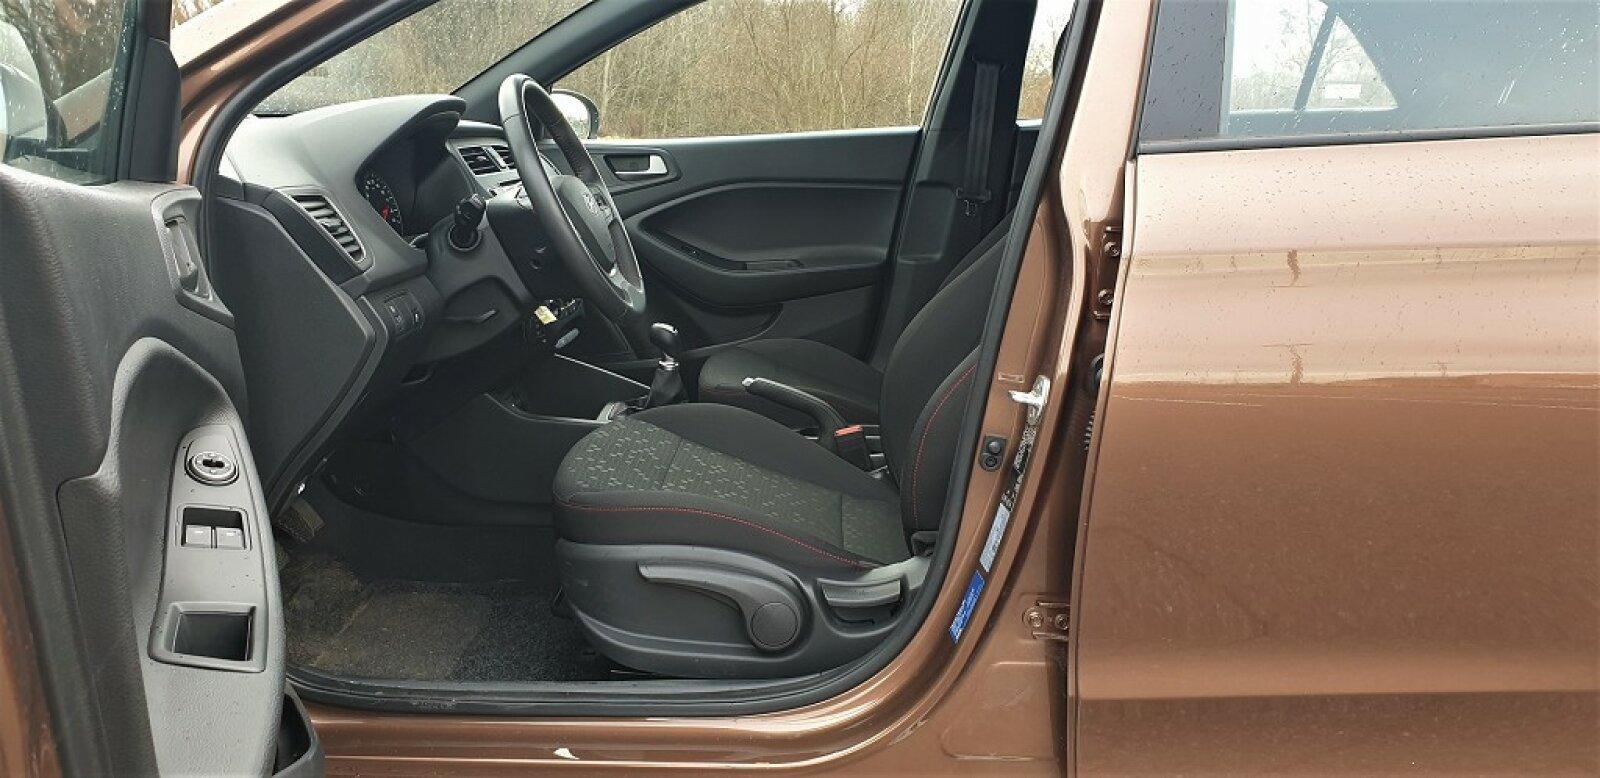 Bardzo dobra Hyundai i20 2018 - Karlik - Sprawdzone Samochody Używane. OI62